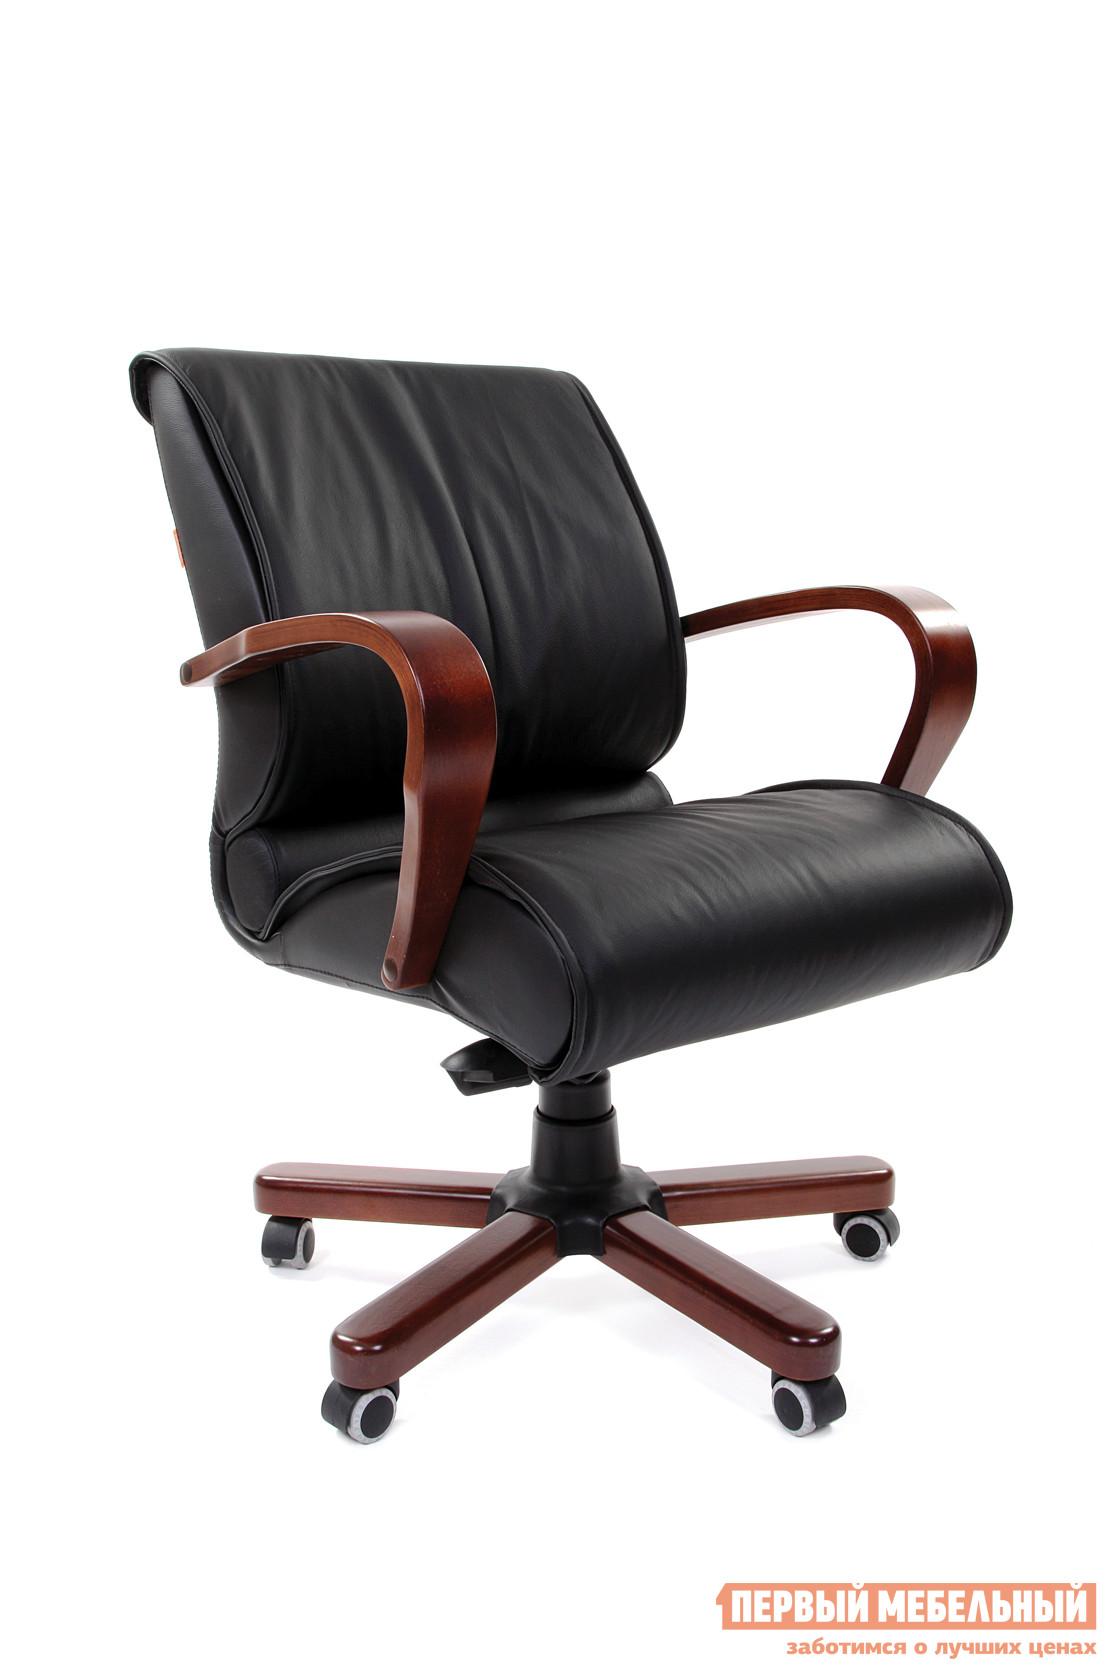 Кожаное кресло руководителя Тайпит CHAIRMAN 444 WD